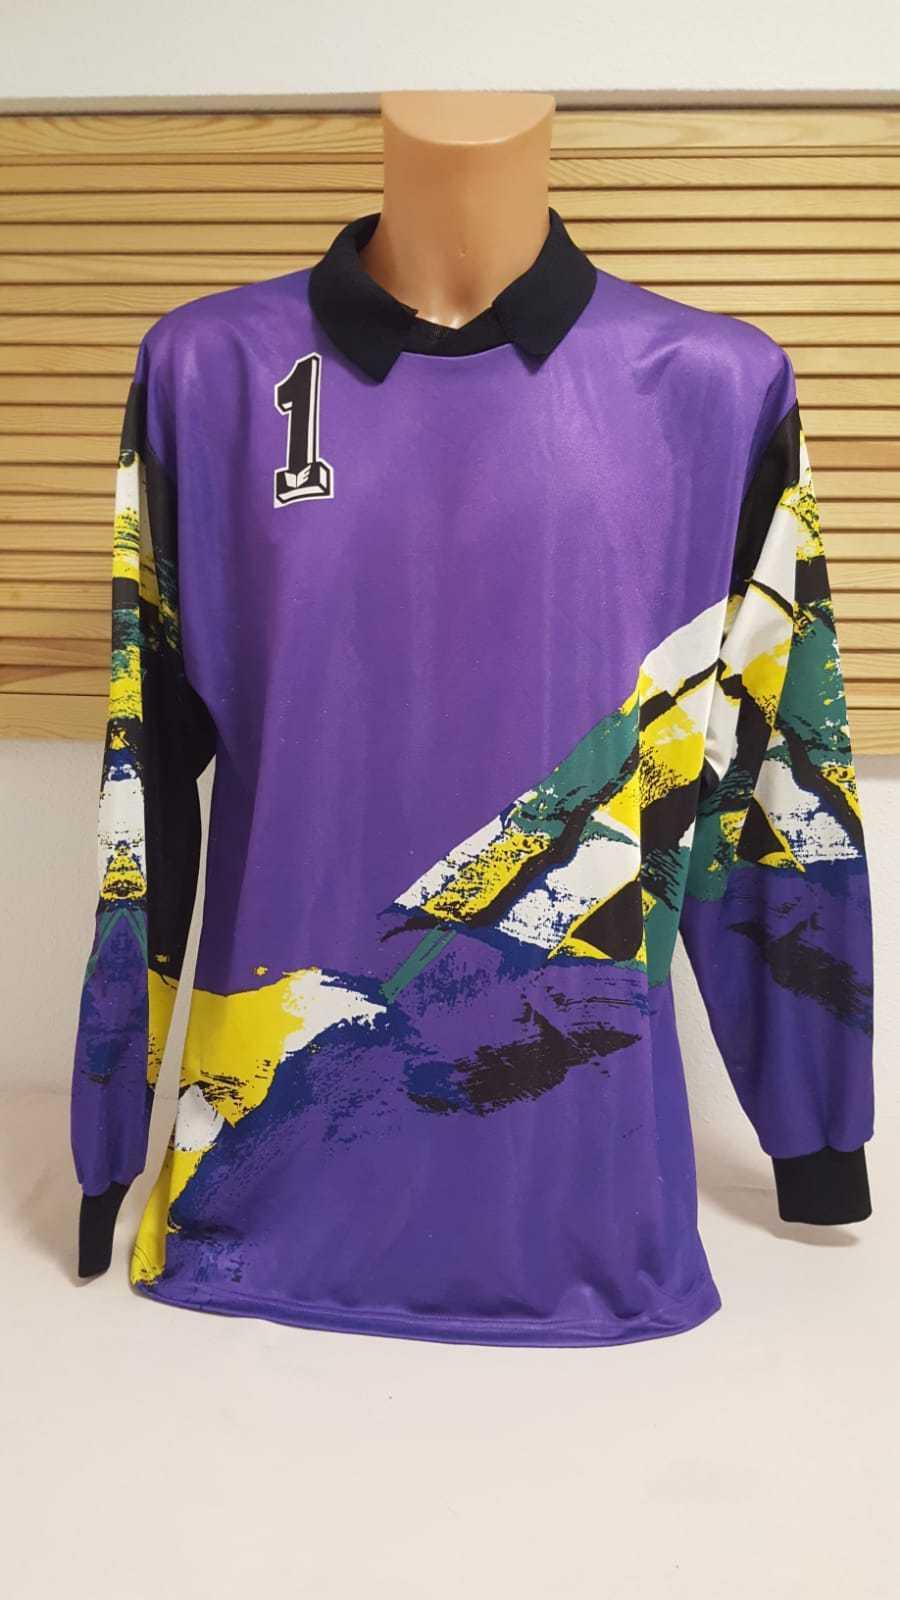 Erima Vintage Retro Torwart Trikot Shirt Jersey Camiseta Goalkeeper Maillot XL    Angemessene Lieferung und pünktliche Lieferung